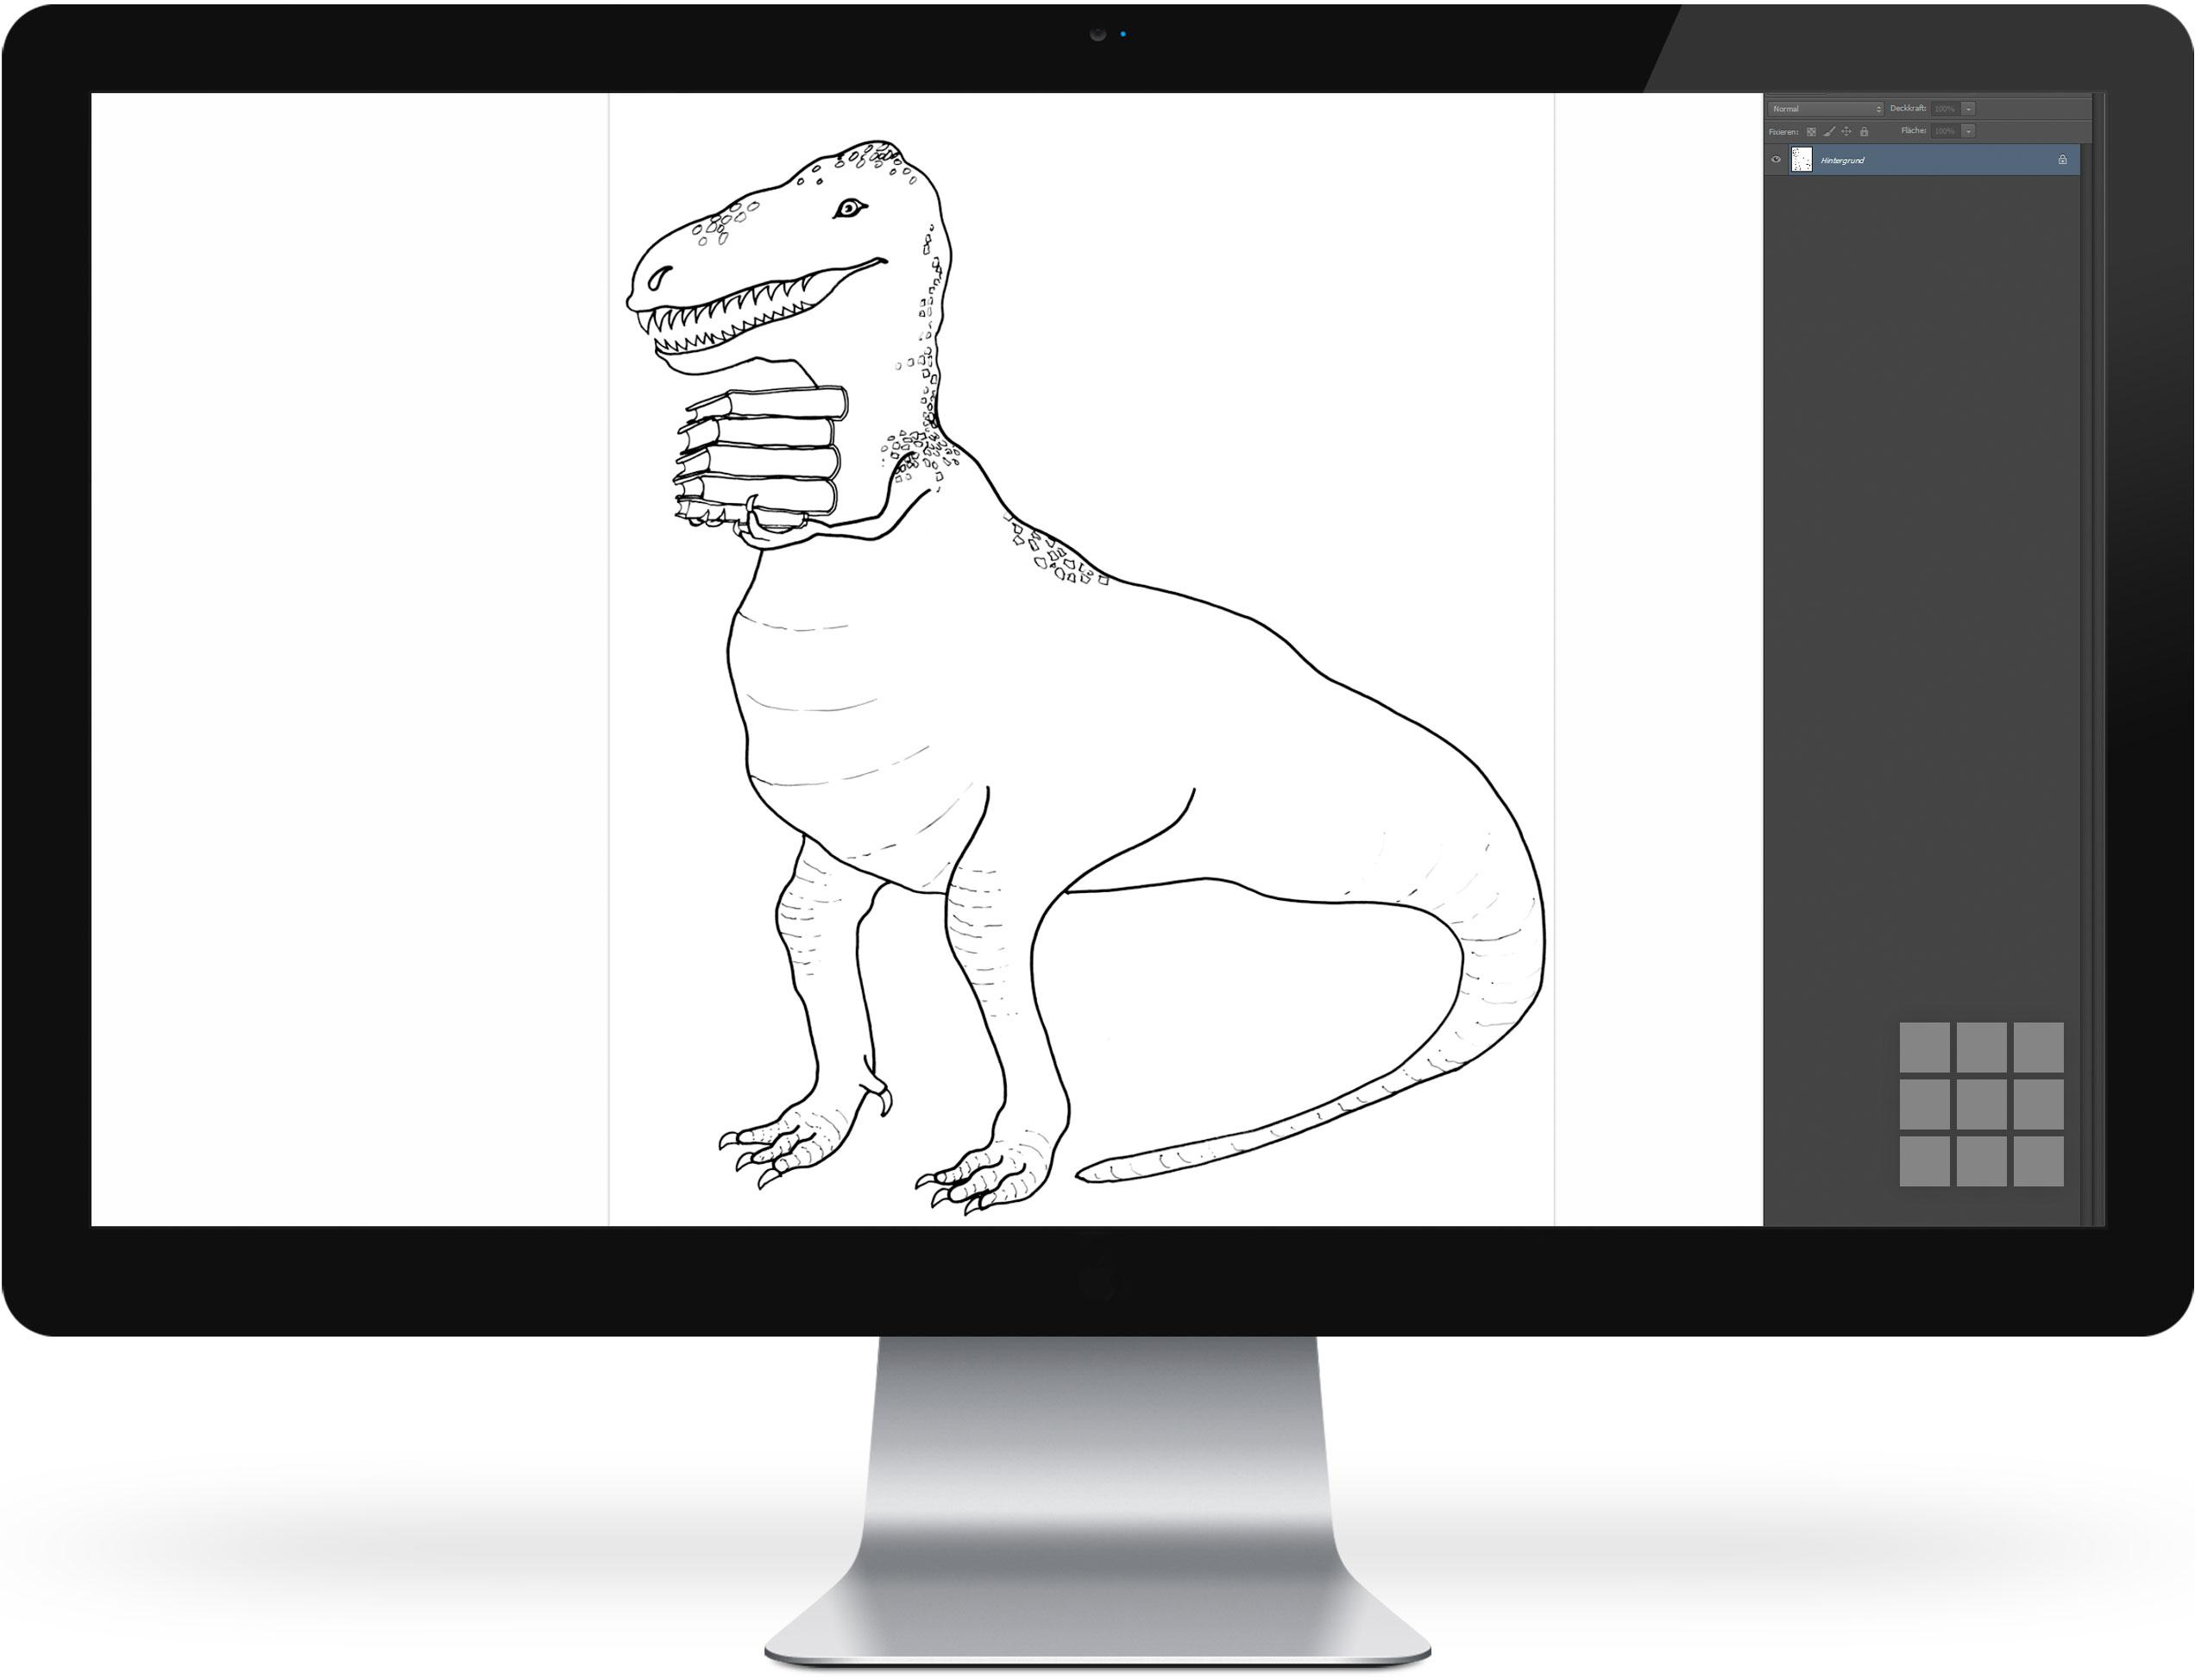 Bücherheld Lesesaurus Tex – Schwarz-Weiss-Zeichnung